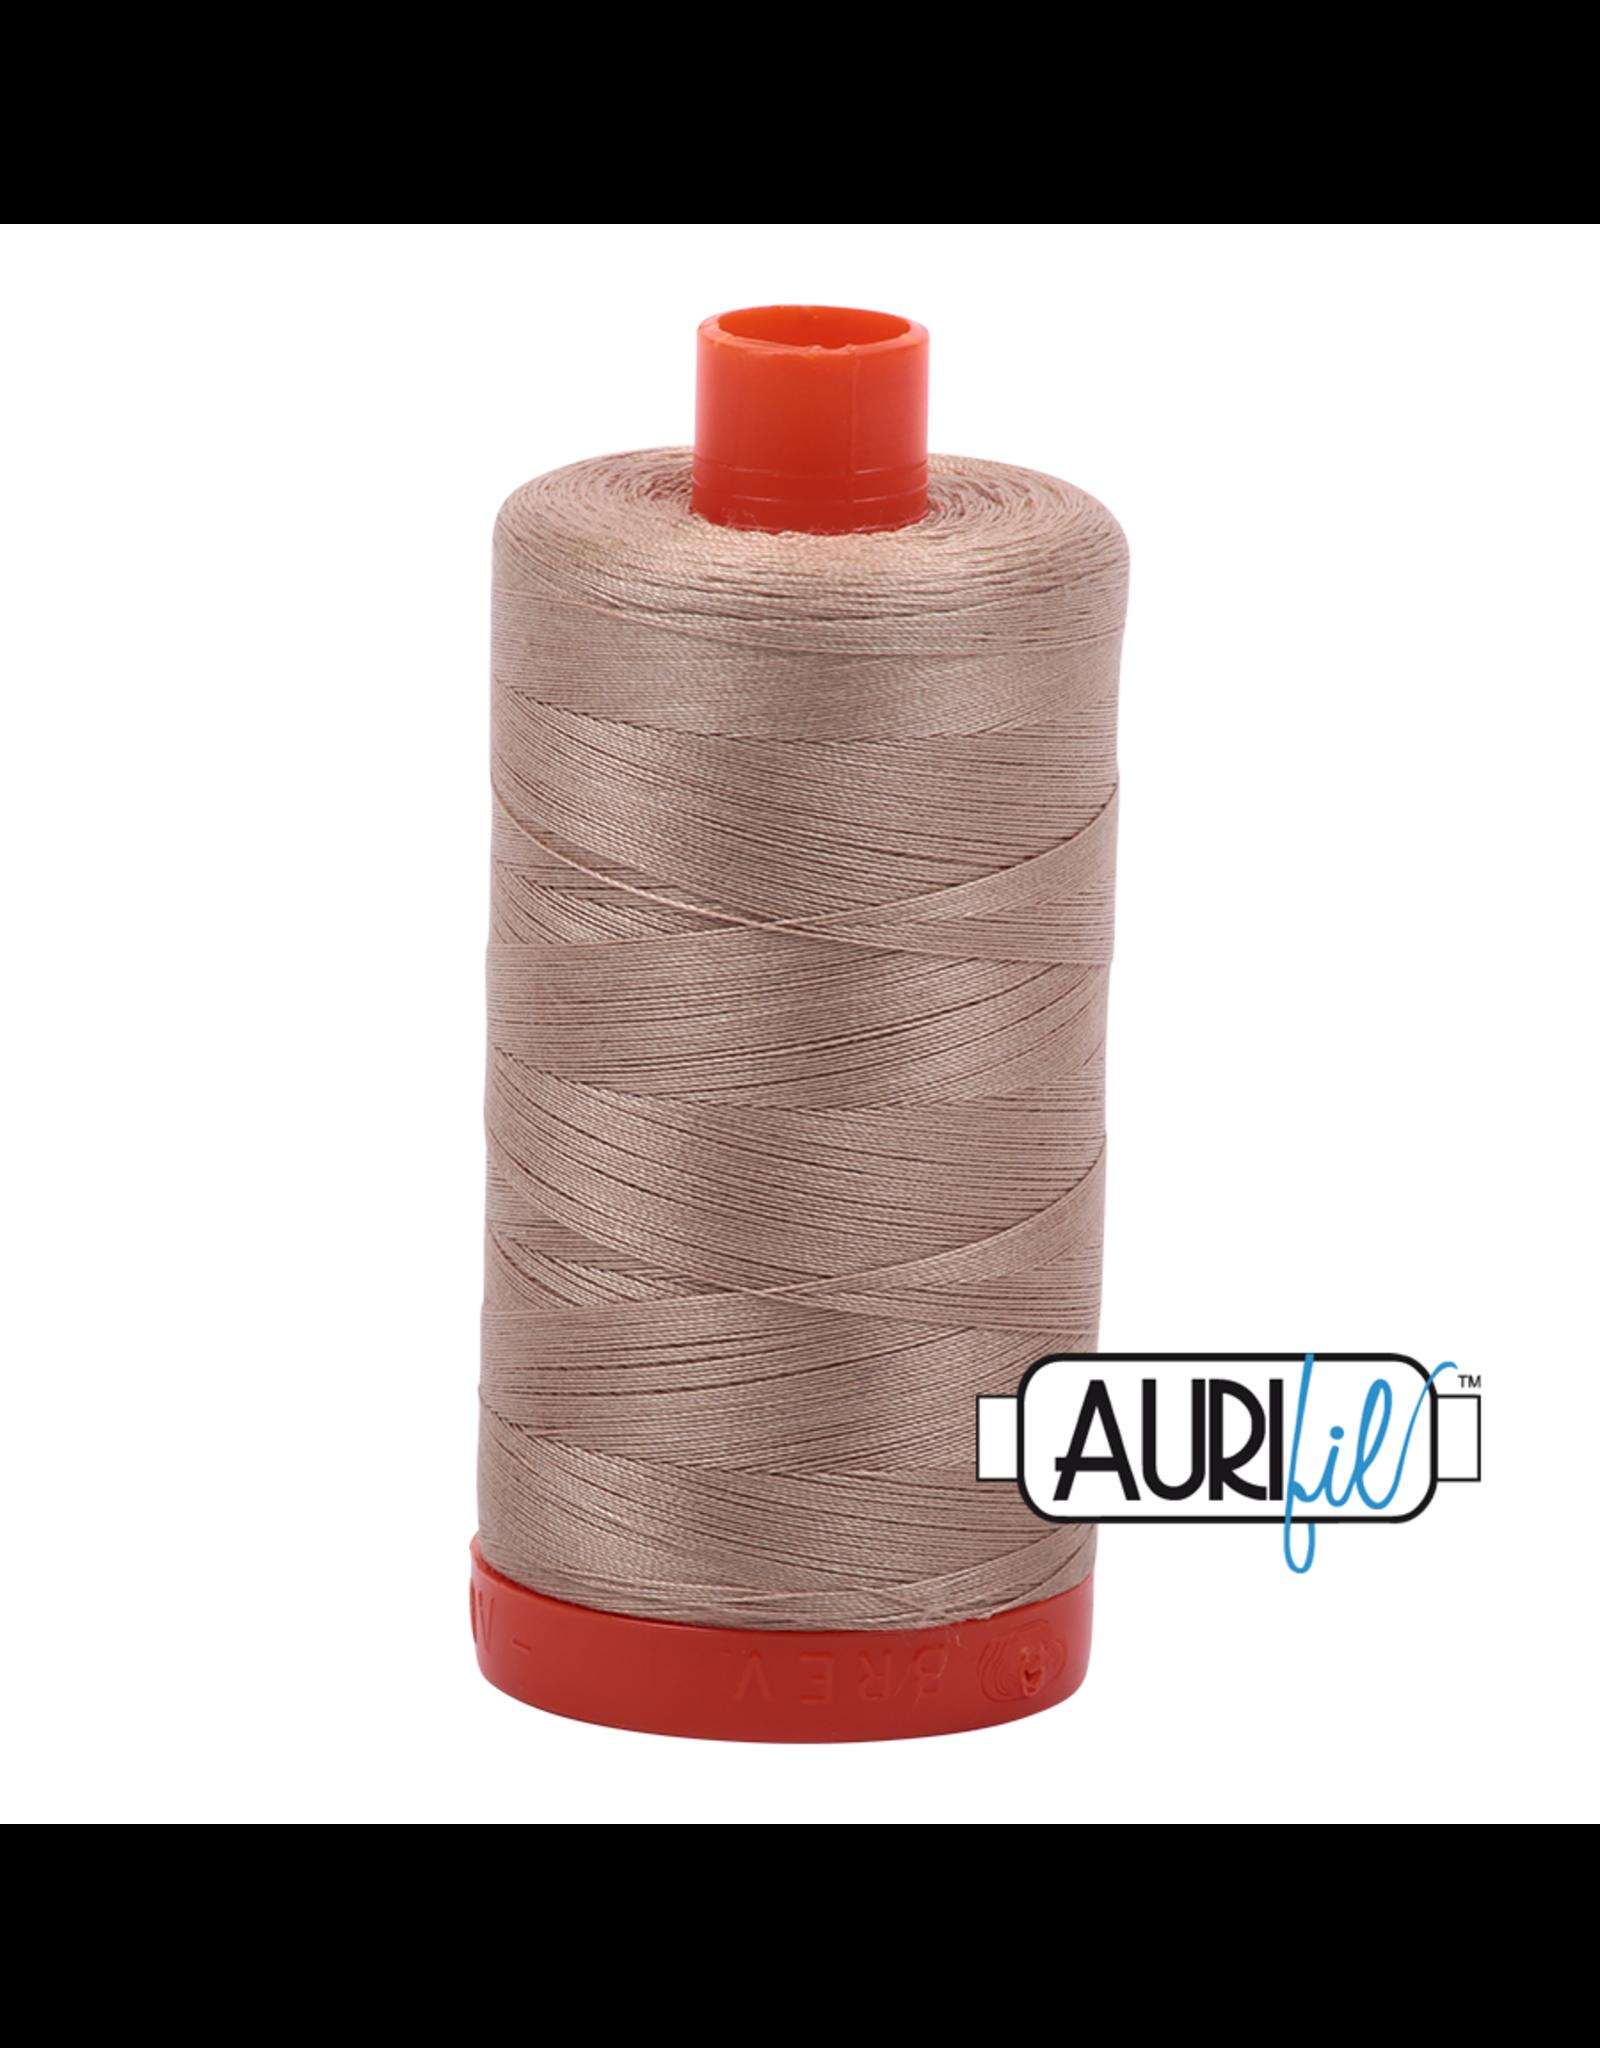 Aurifil Mako 50 - 1300m 2326 - Sand